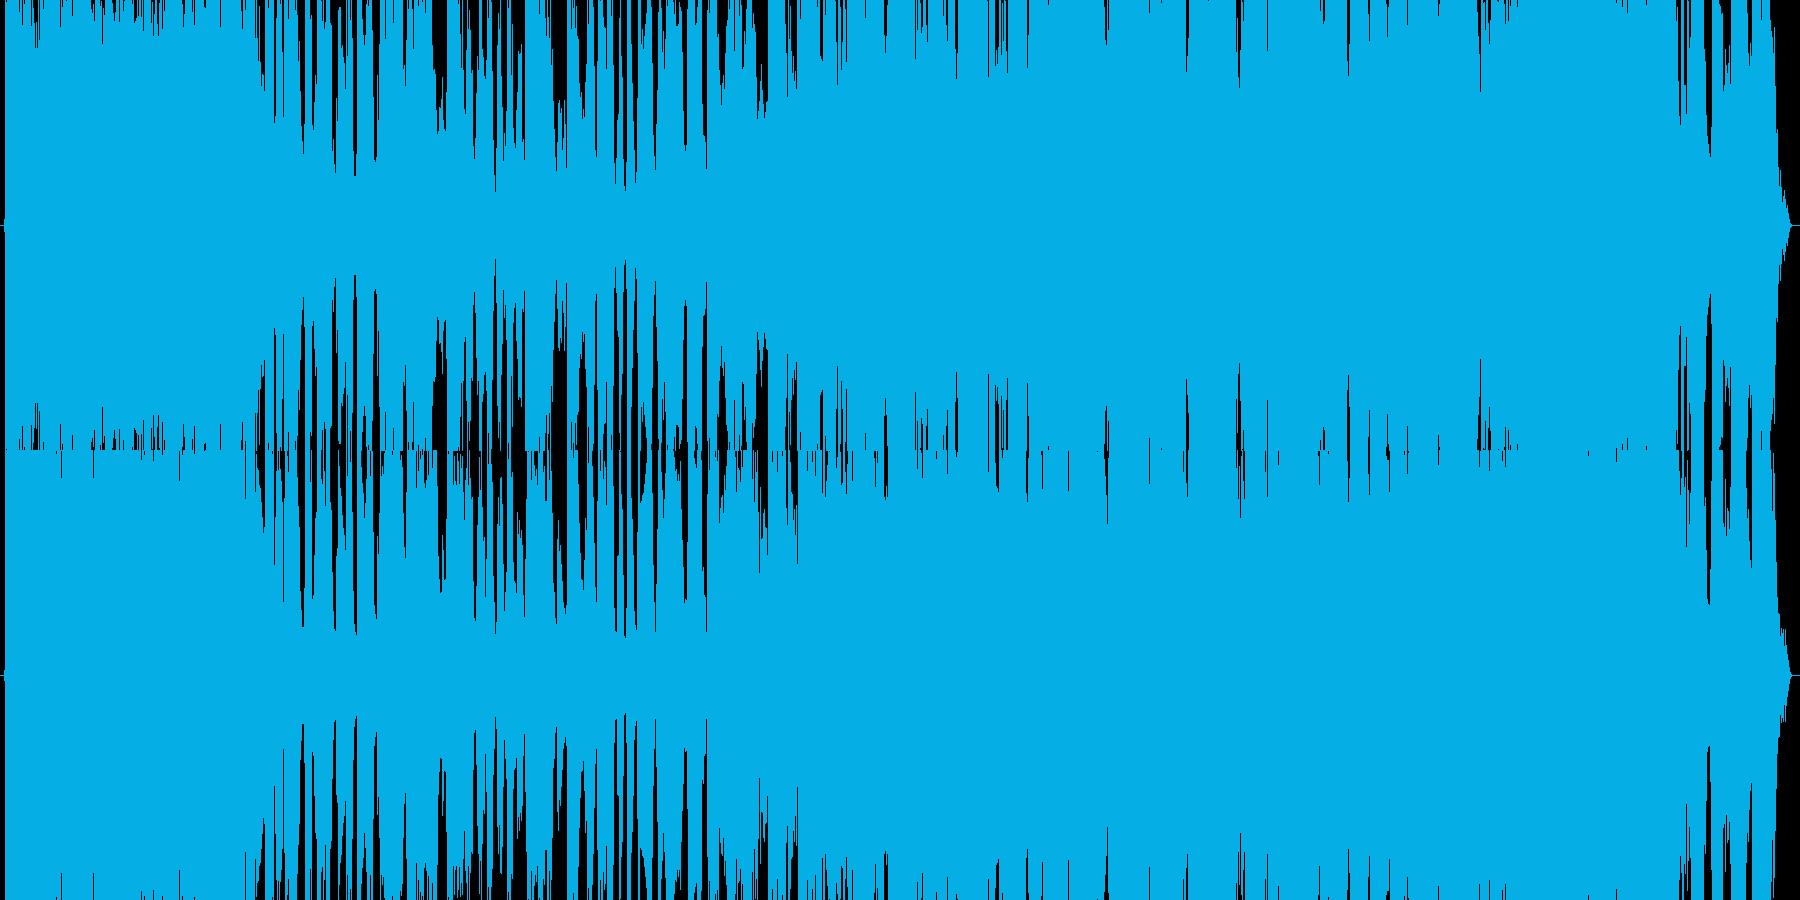 疾走感のあるガールズロック(30秒verの再生済みの波形